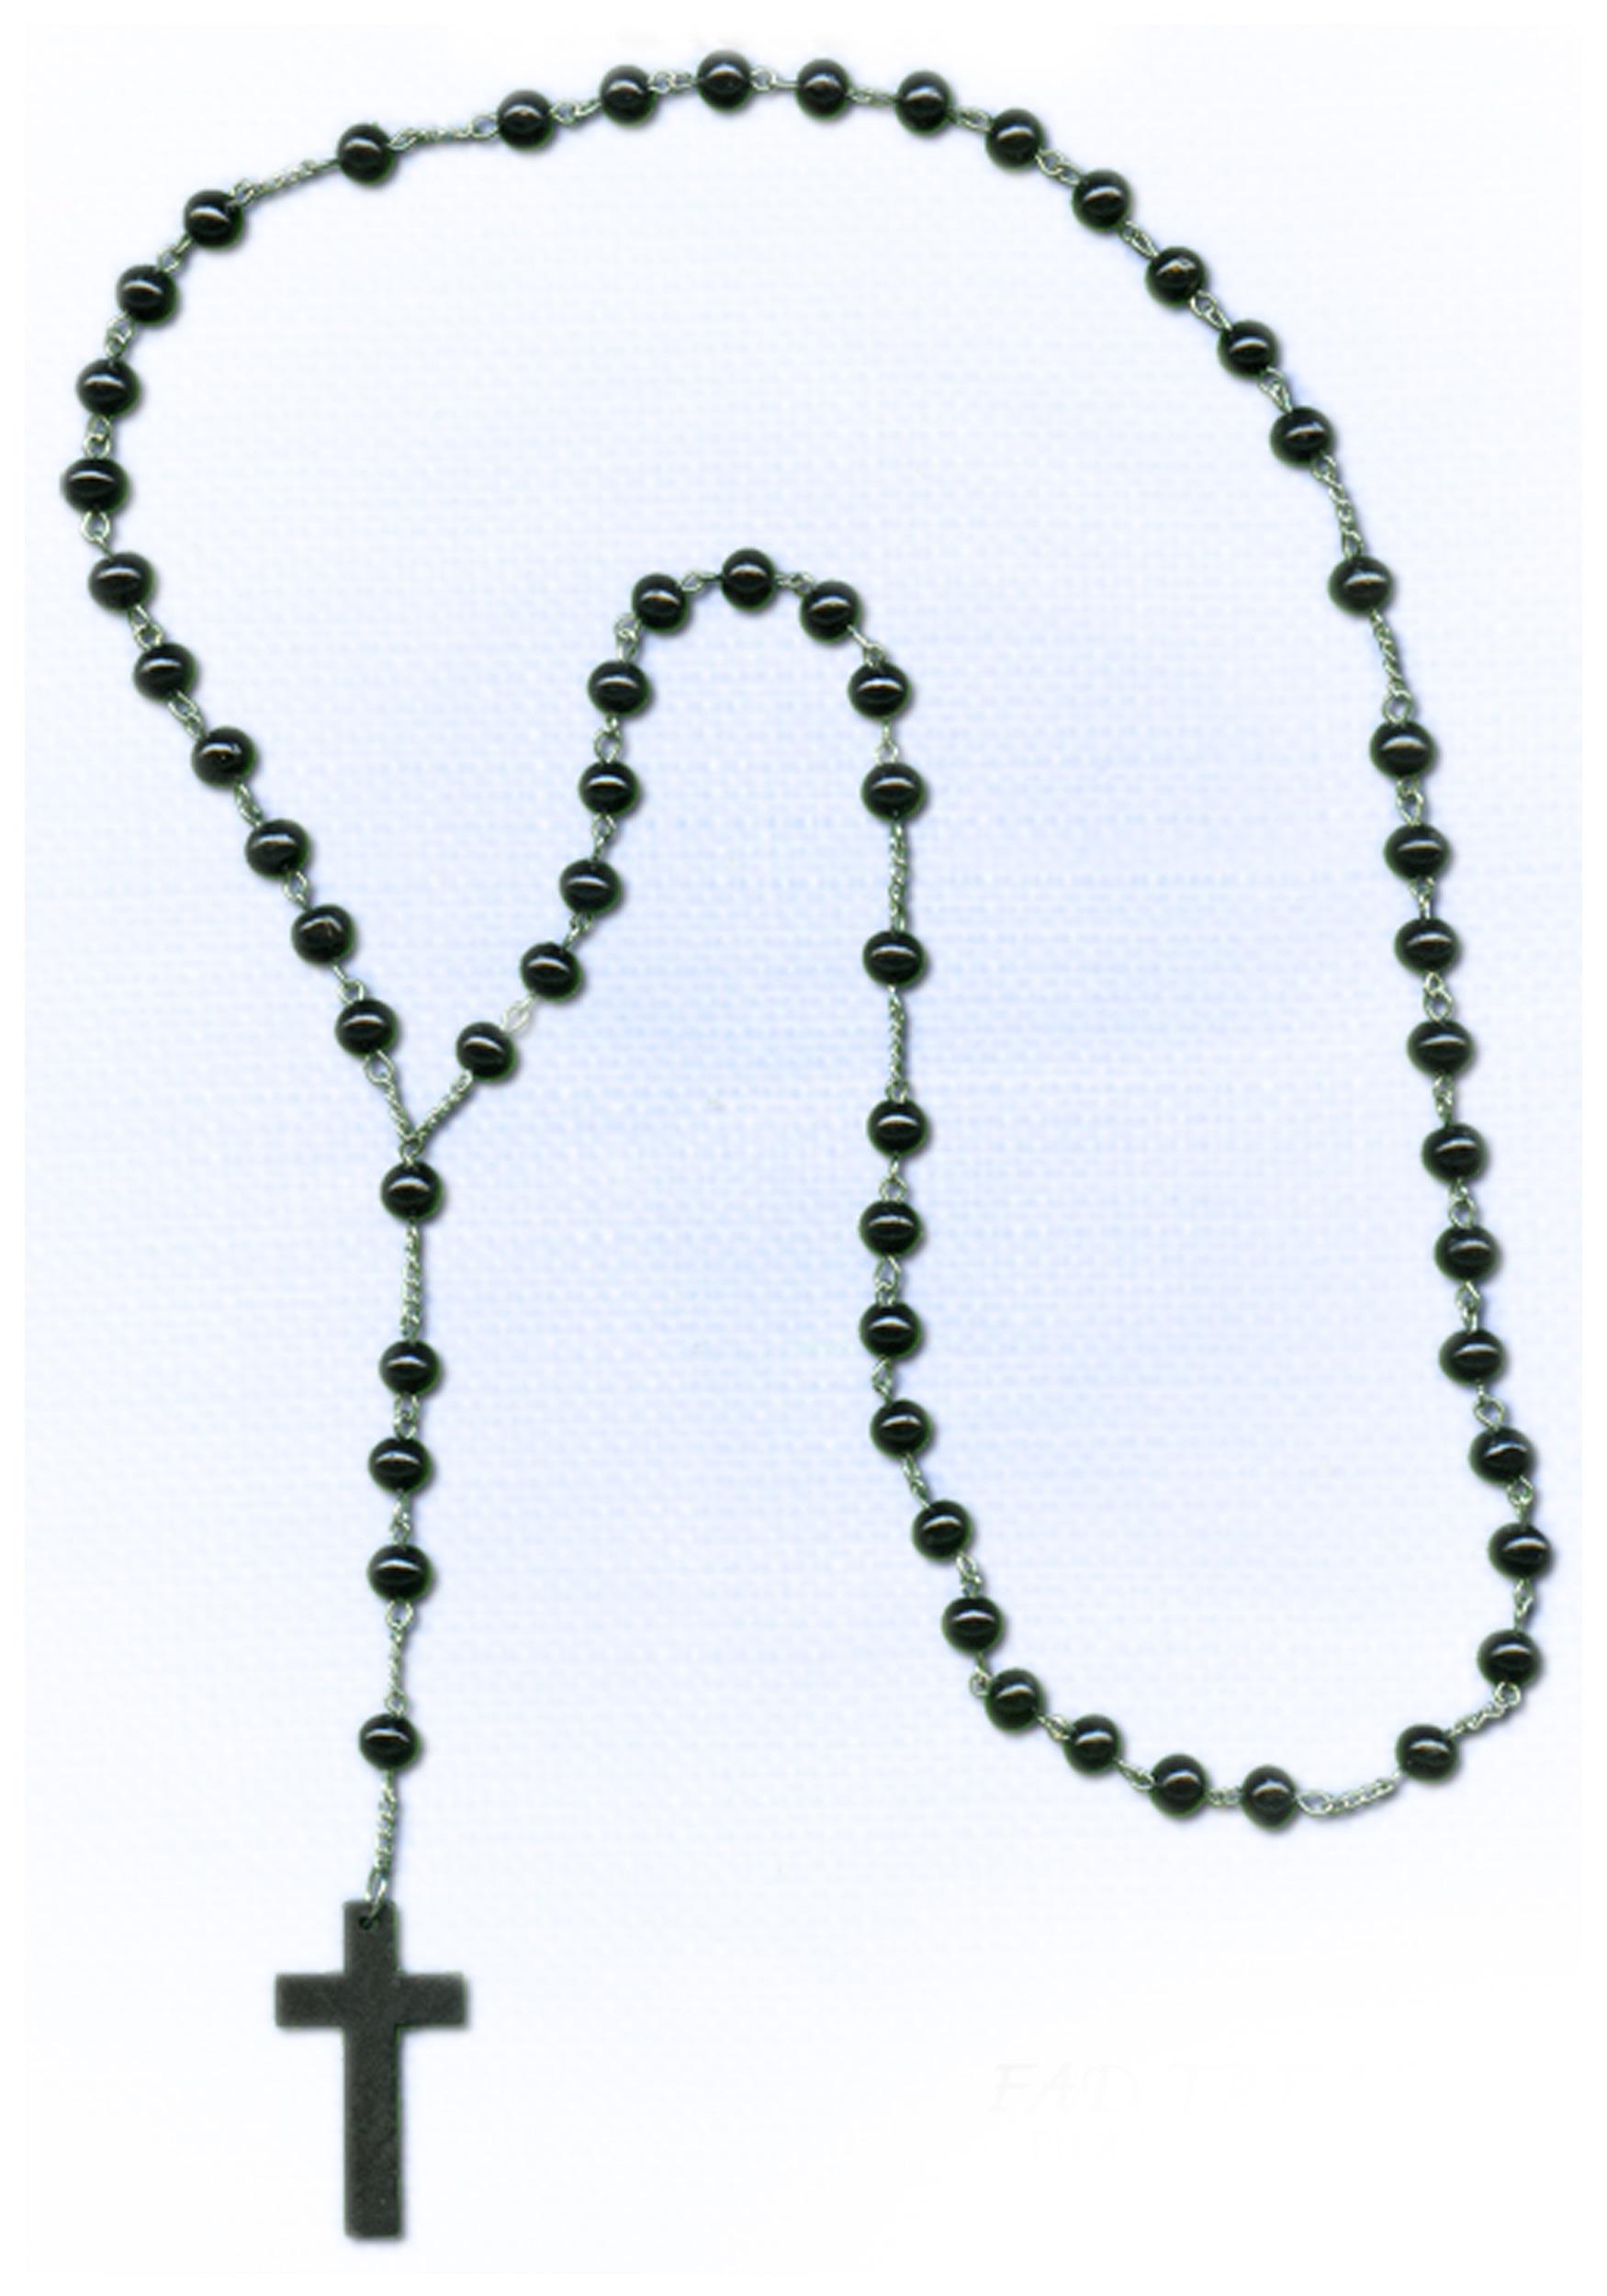 Franz Stigler's Rosary